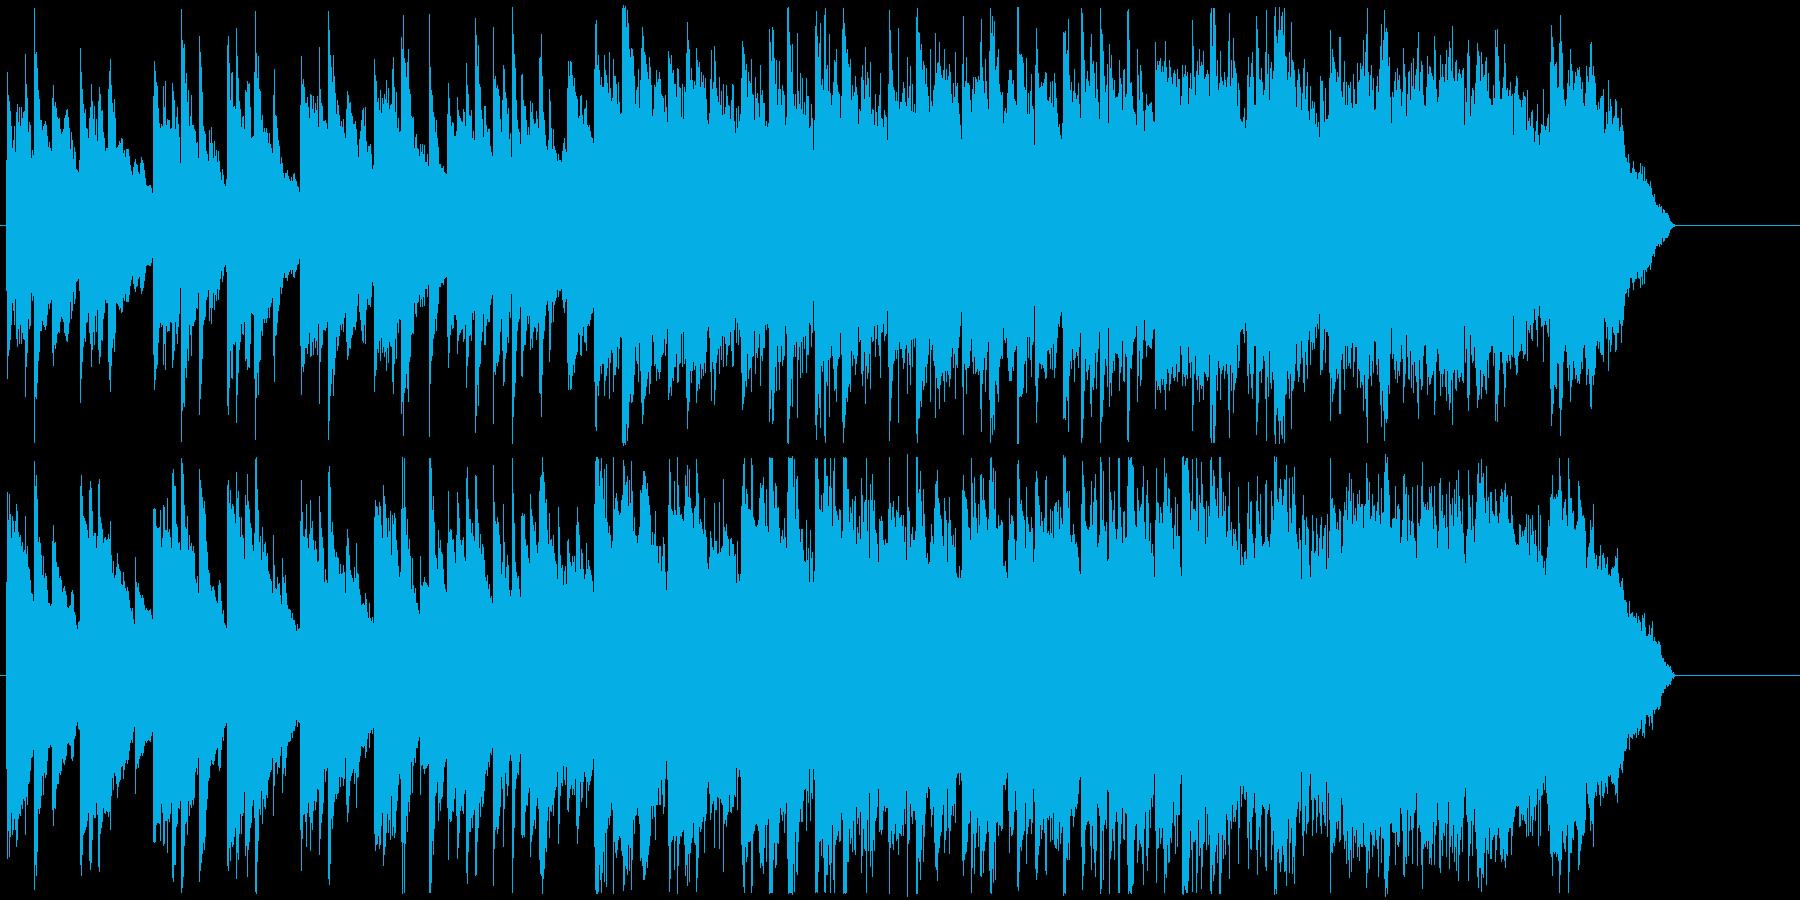 やさしいなつかしさ感じるあたたかいBGMの再生済みの波形